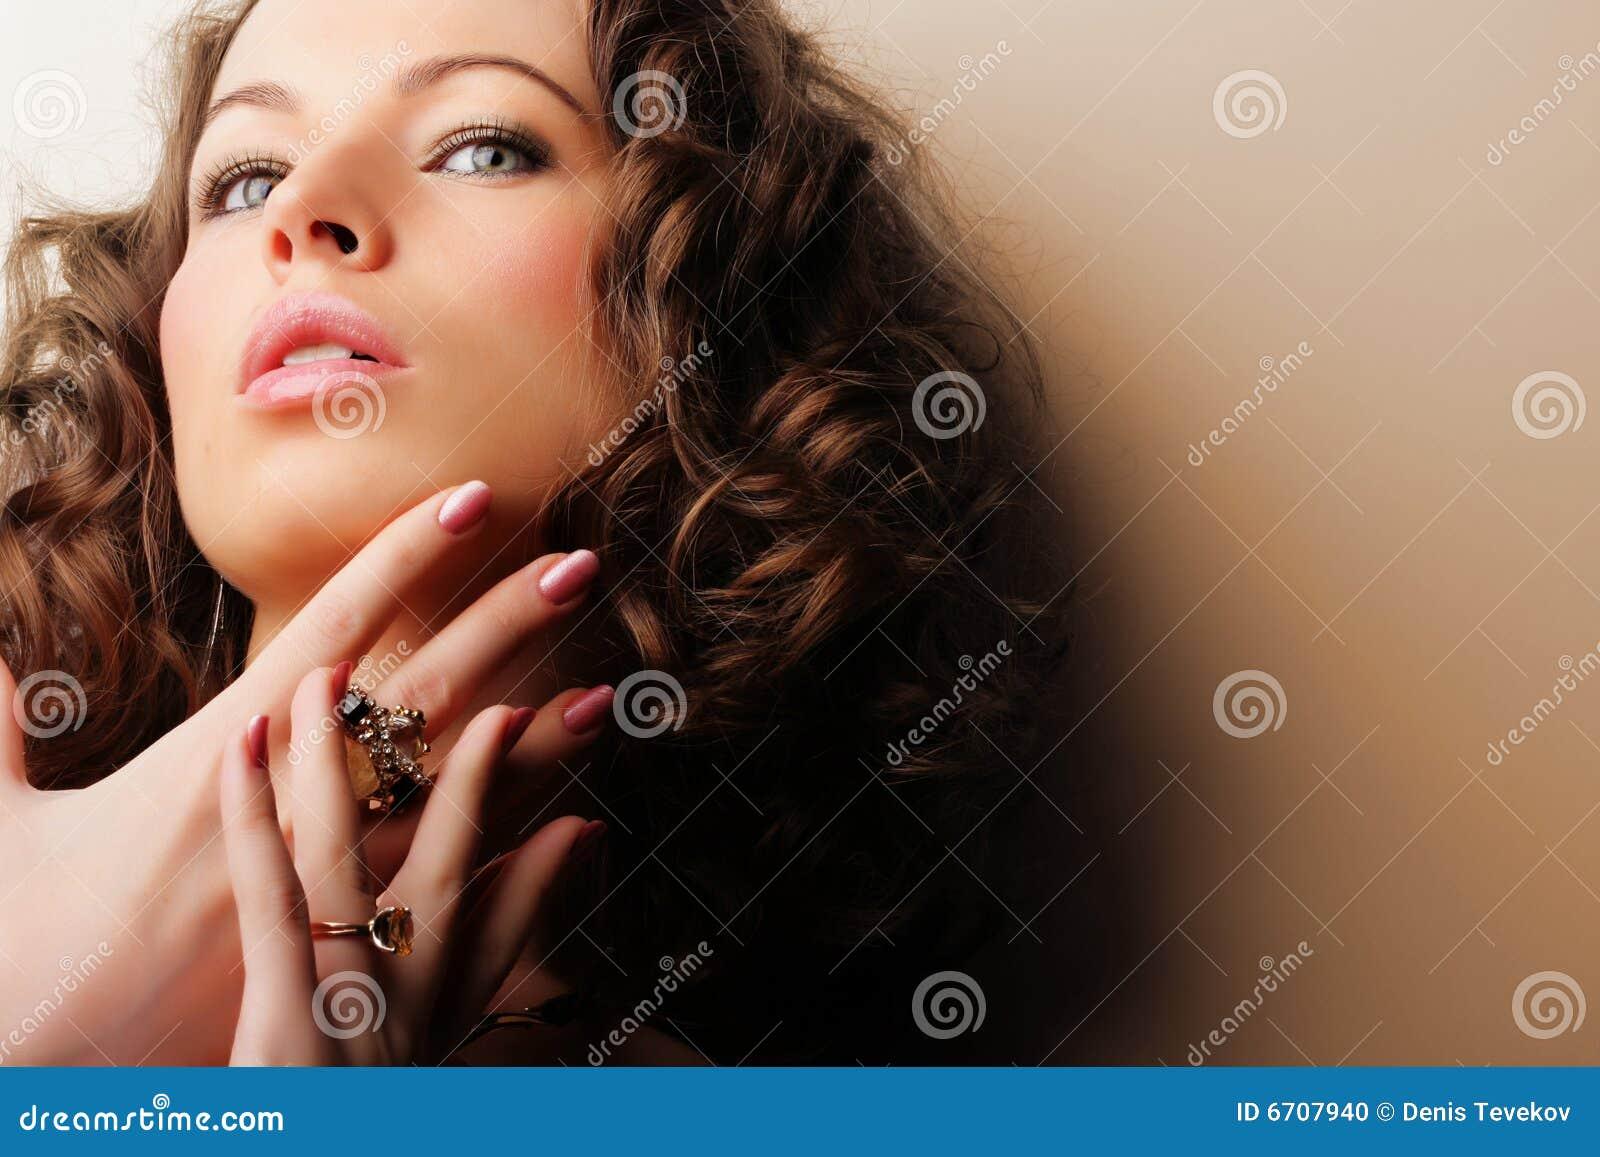 Beautiful woman. Jewelry and Beauty